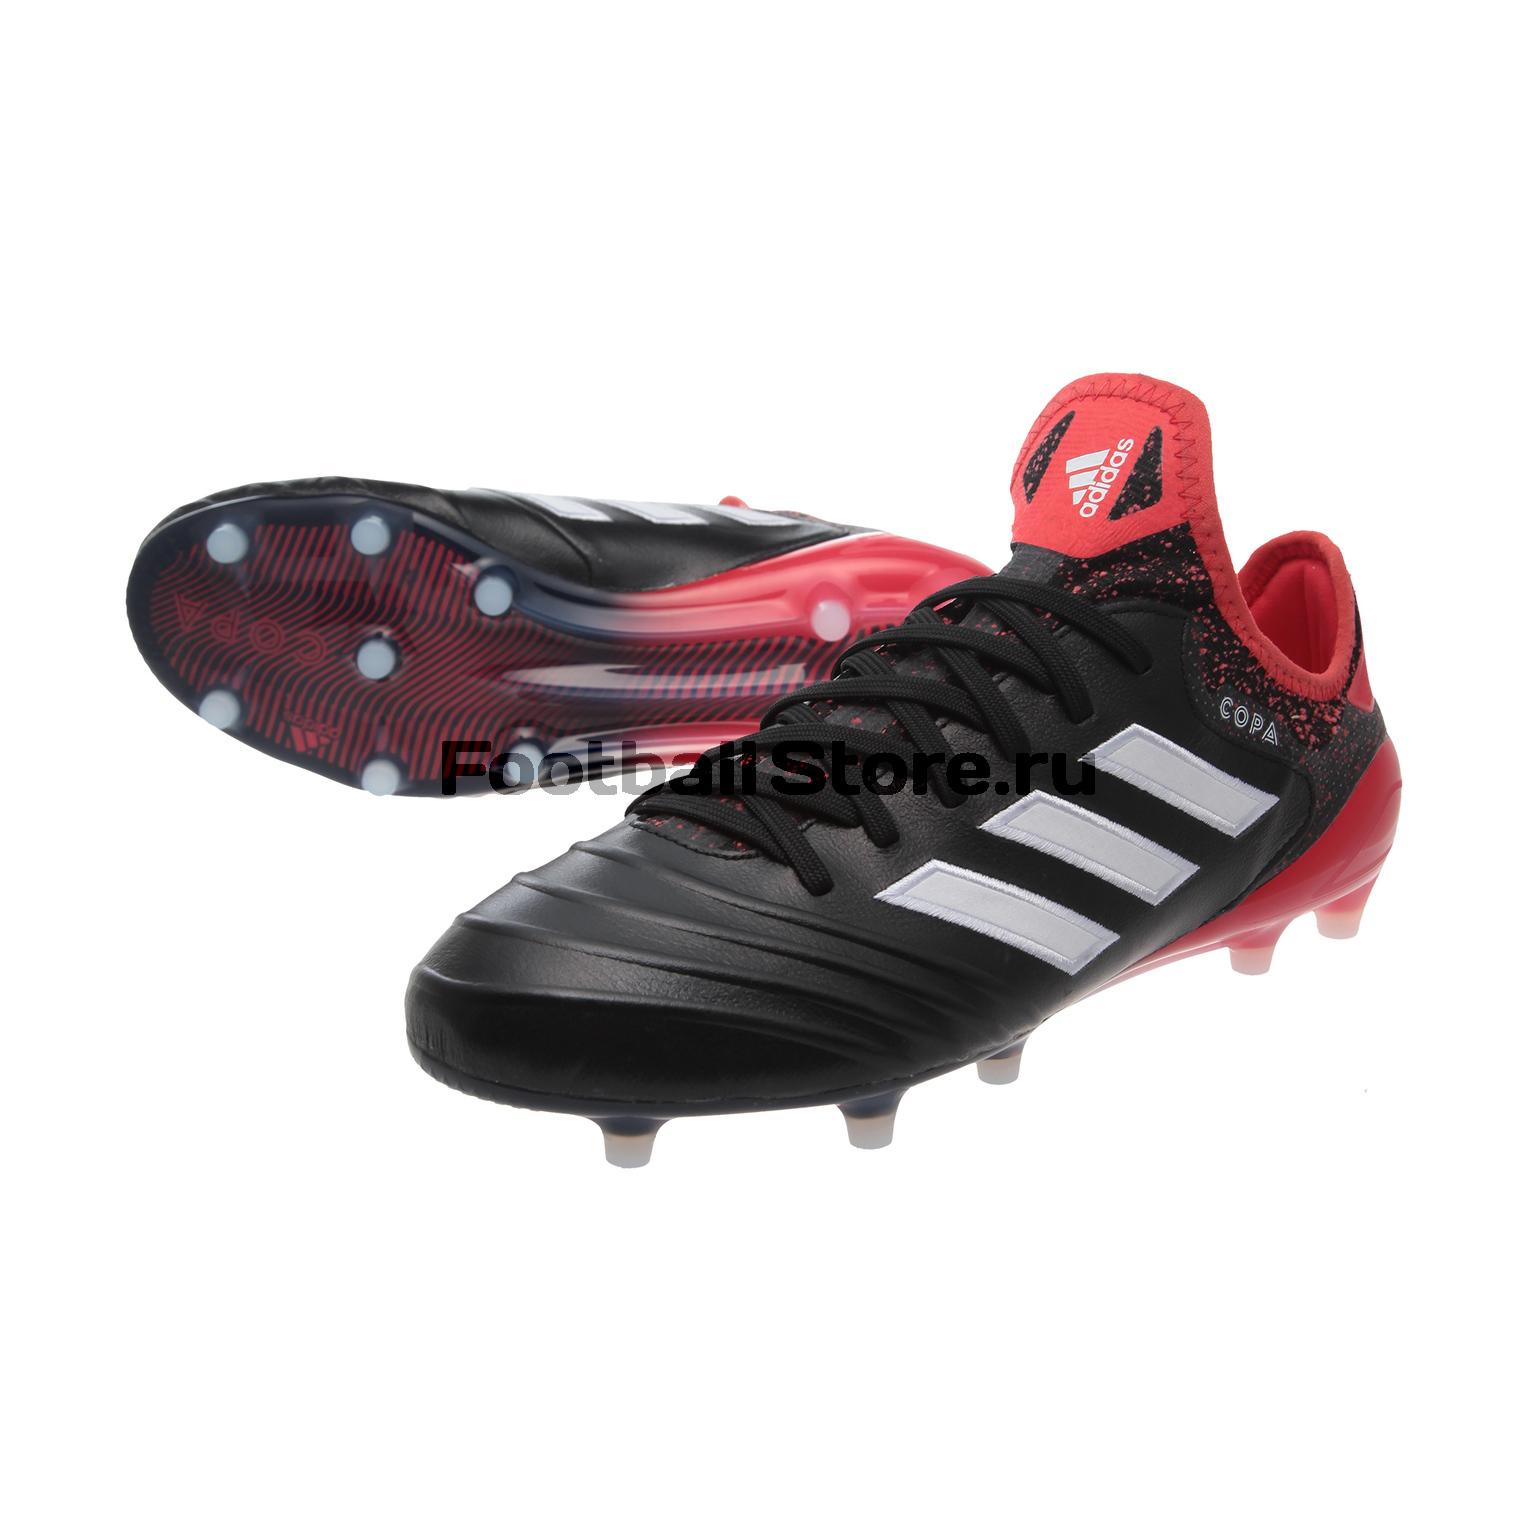 Бутсы Adidas Copa 18.1 FG CM7663 – купить бутсы в интернет магазине ... 7cfa4f21708